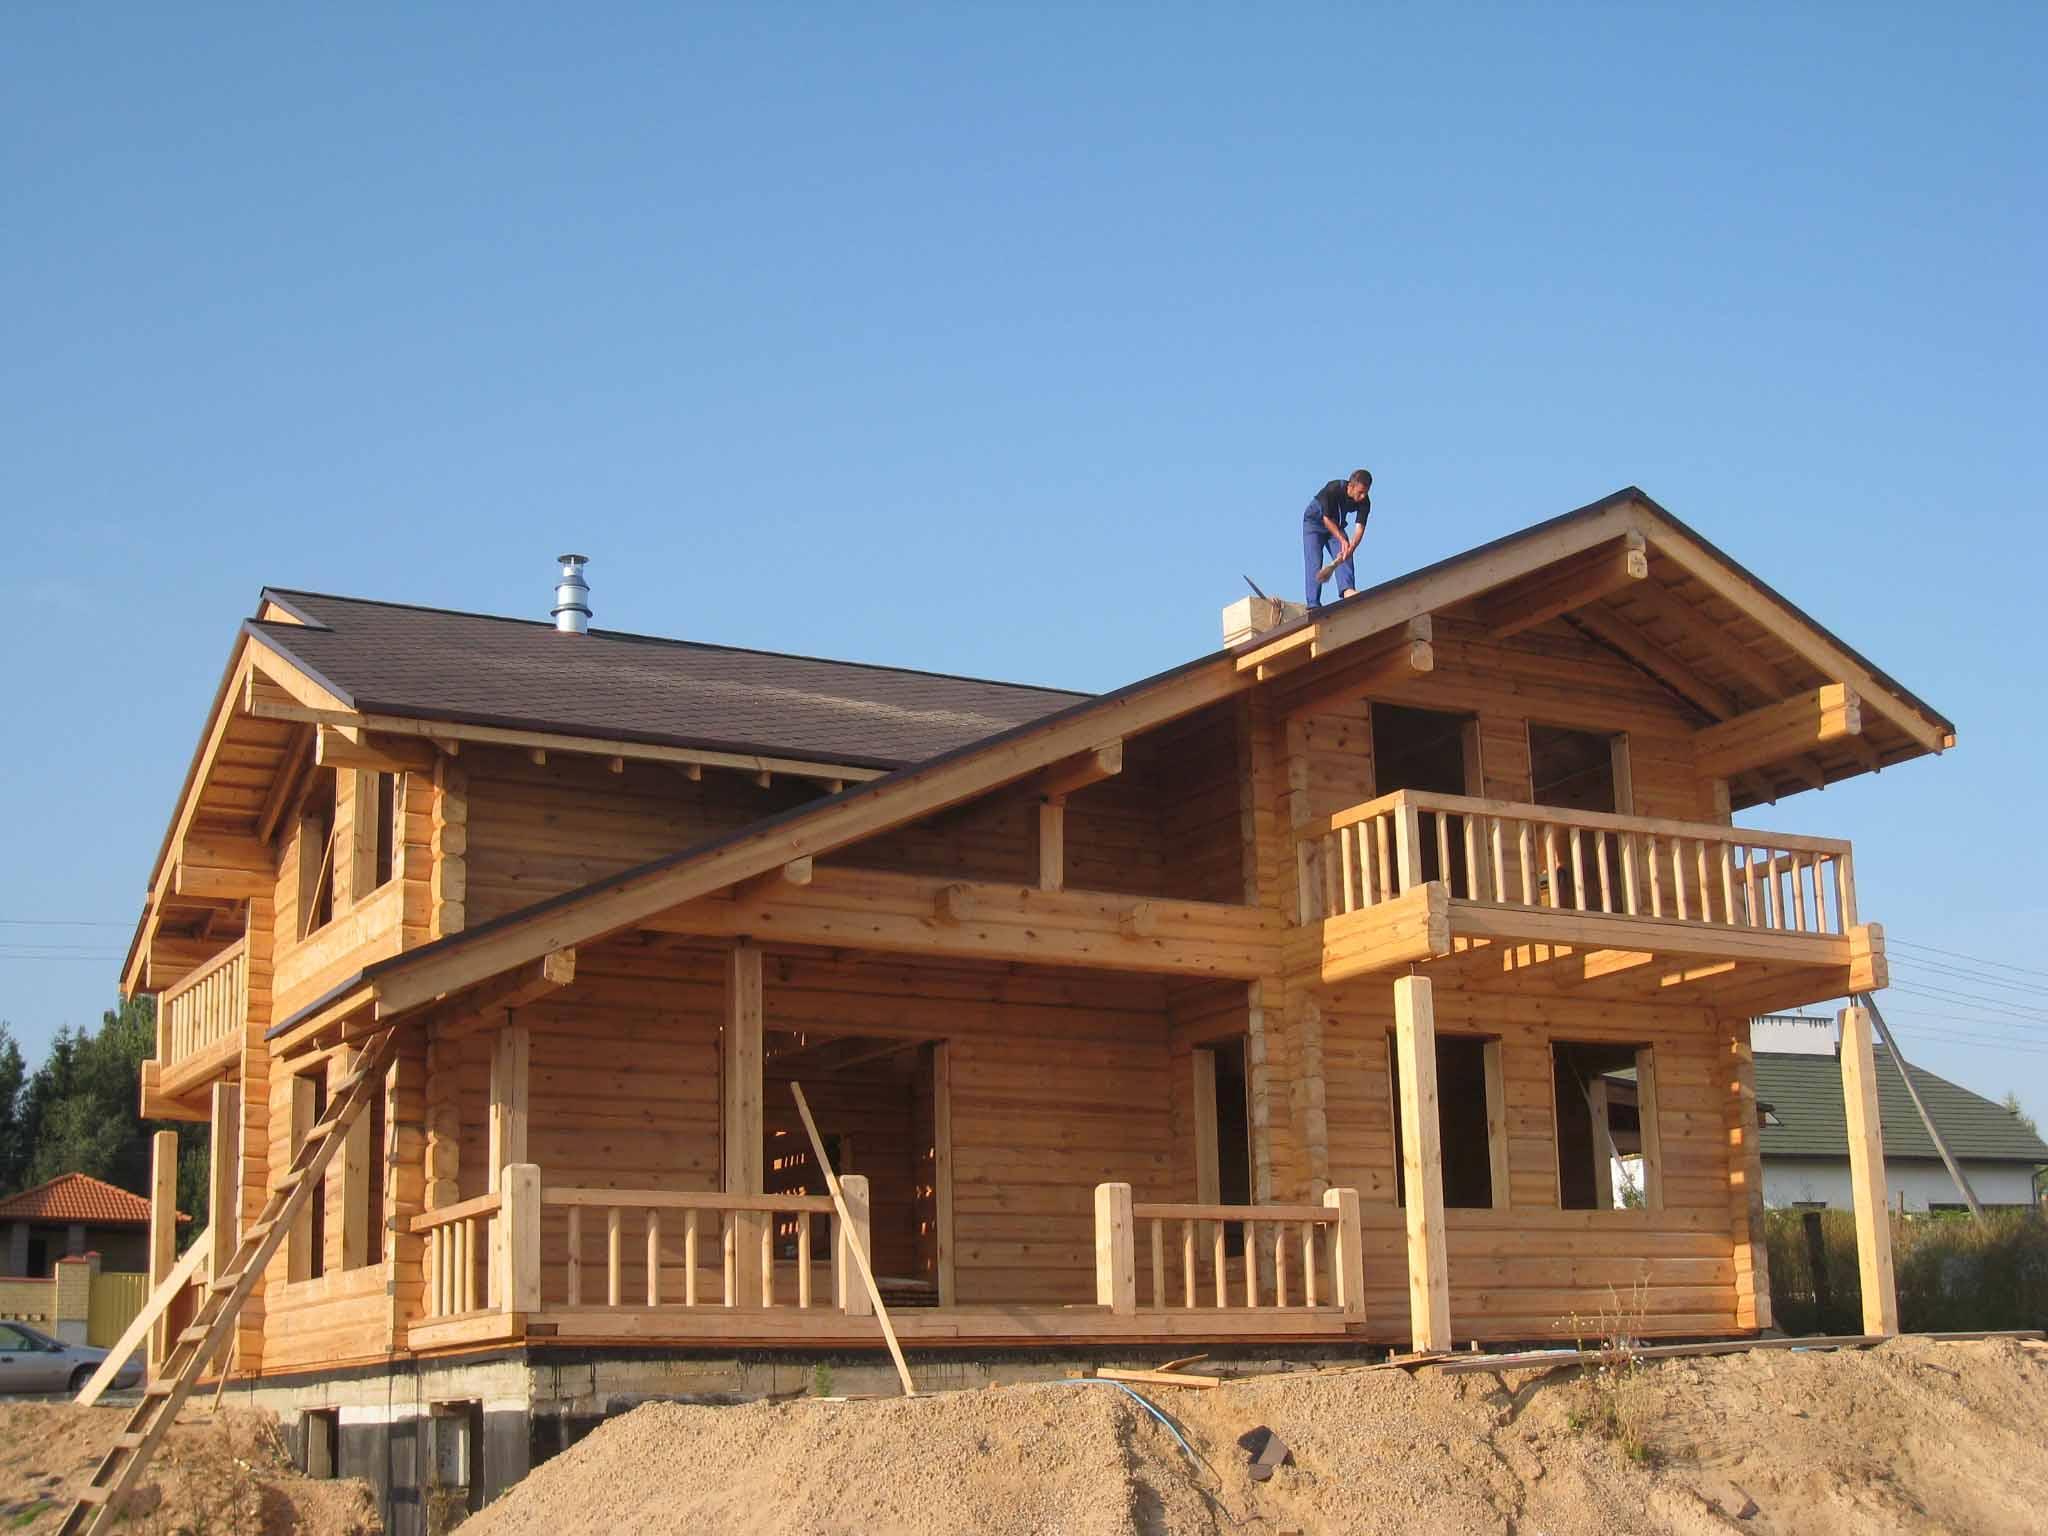 Casa de troncos escuadrados pino silvestre pinus - Estructura casa madera ...